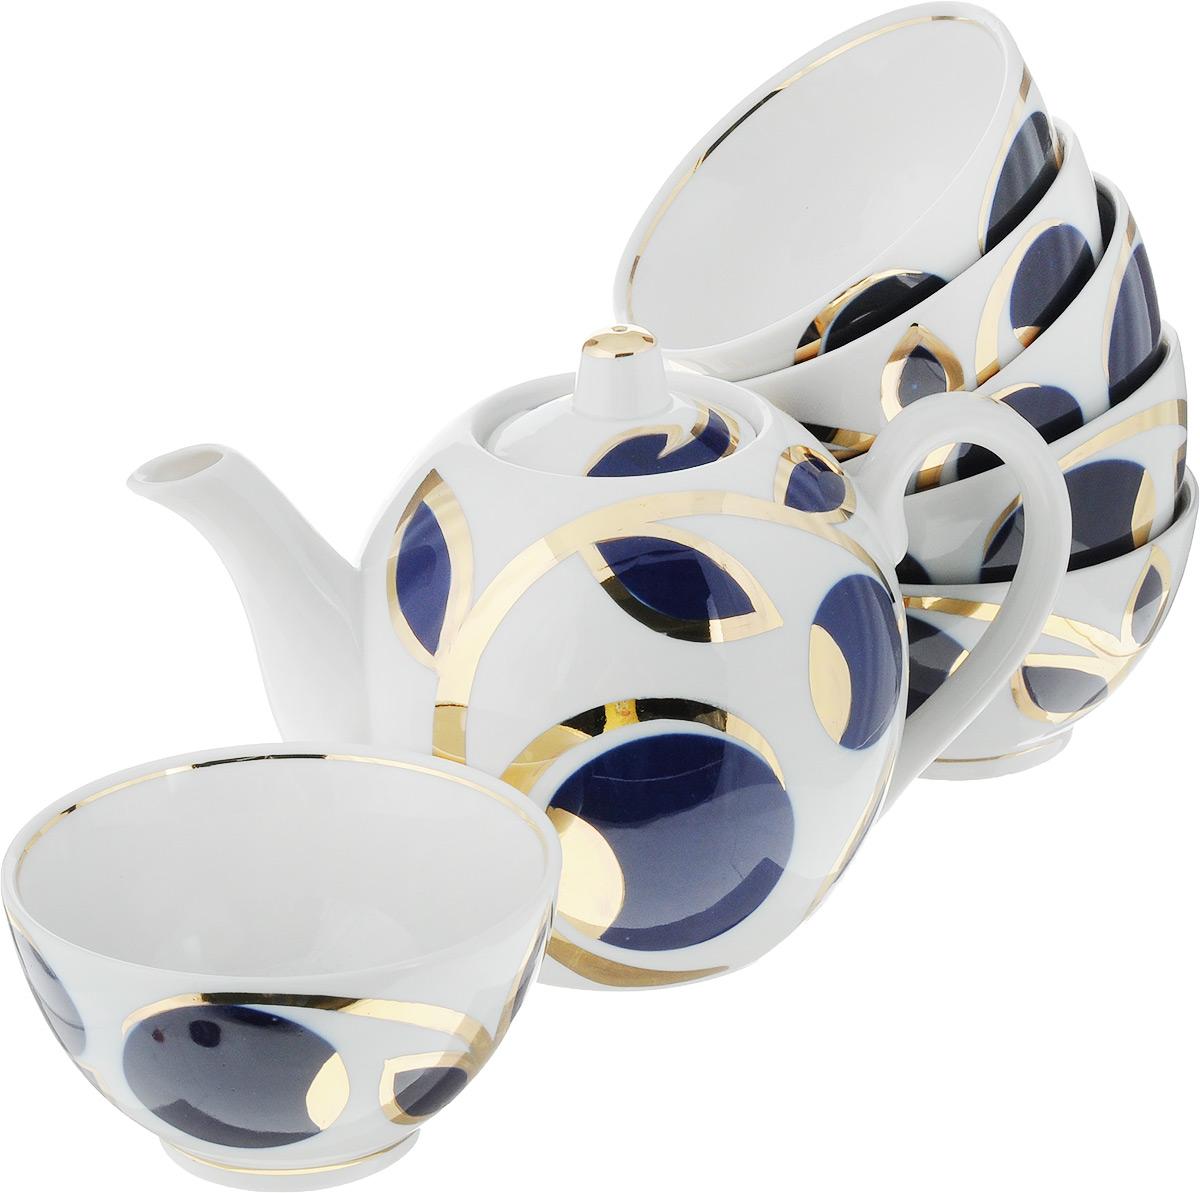 Набор чайный Фарфор Вербилок Кобальтовые яблоки, 7 предметовVT-1520(SR)Чайный набор Фарфор Вербилок Кобальтовые яблоки состоит из 6 пиал и заварочного чайника. Изделия выполнены из высококачественного фарфора и оформлены оригинальным рисунком.Изящный чайный набор прекрасно оформит стол к чаепитию и порадует вас элегантным дизайном и качеством исполнения.История Мануфактуры Гарднеръ насчитывает более 250 лет. За четверть тысячелетия фабричные мастера создали целую галерею шедевров фарфорового искусства, многие из которых служили украшением императорских дворцов и аристократических салонов. Если верить легенде, именно вербилковские сервизы так понравились Екатерине II во время праздничного обеда в честь именин монаршей особы.Объем чайника: 800 мл.Высота чайника (без учета крышки): 11,5 см.Диаметр чайника (по верхнему краю): 4,5 см.Объем пиалы: 300 мл.Диаметр пиалы (по верхнему краю): 11 см.Высота пиалы: 6,5 см.